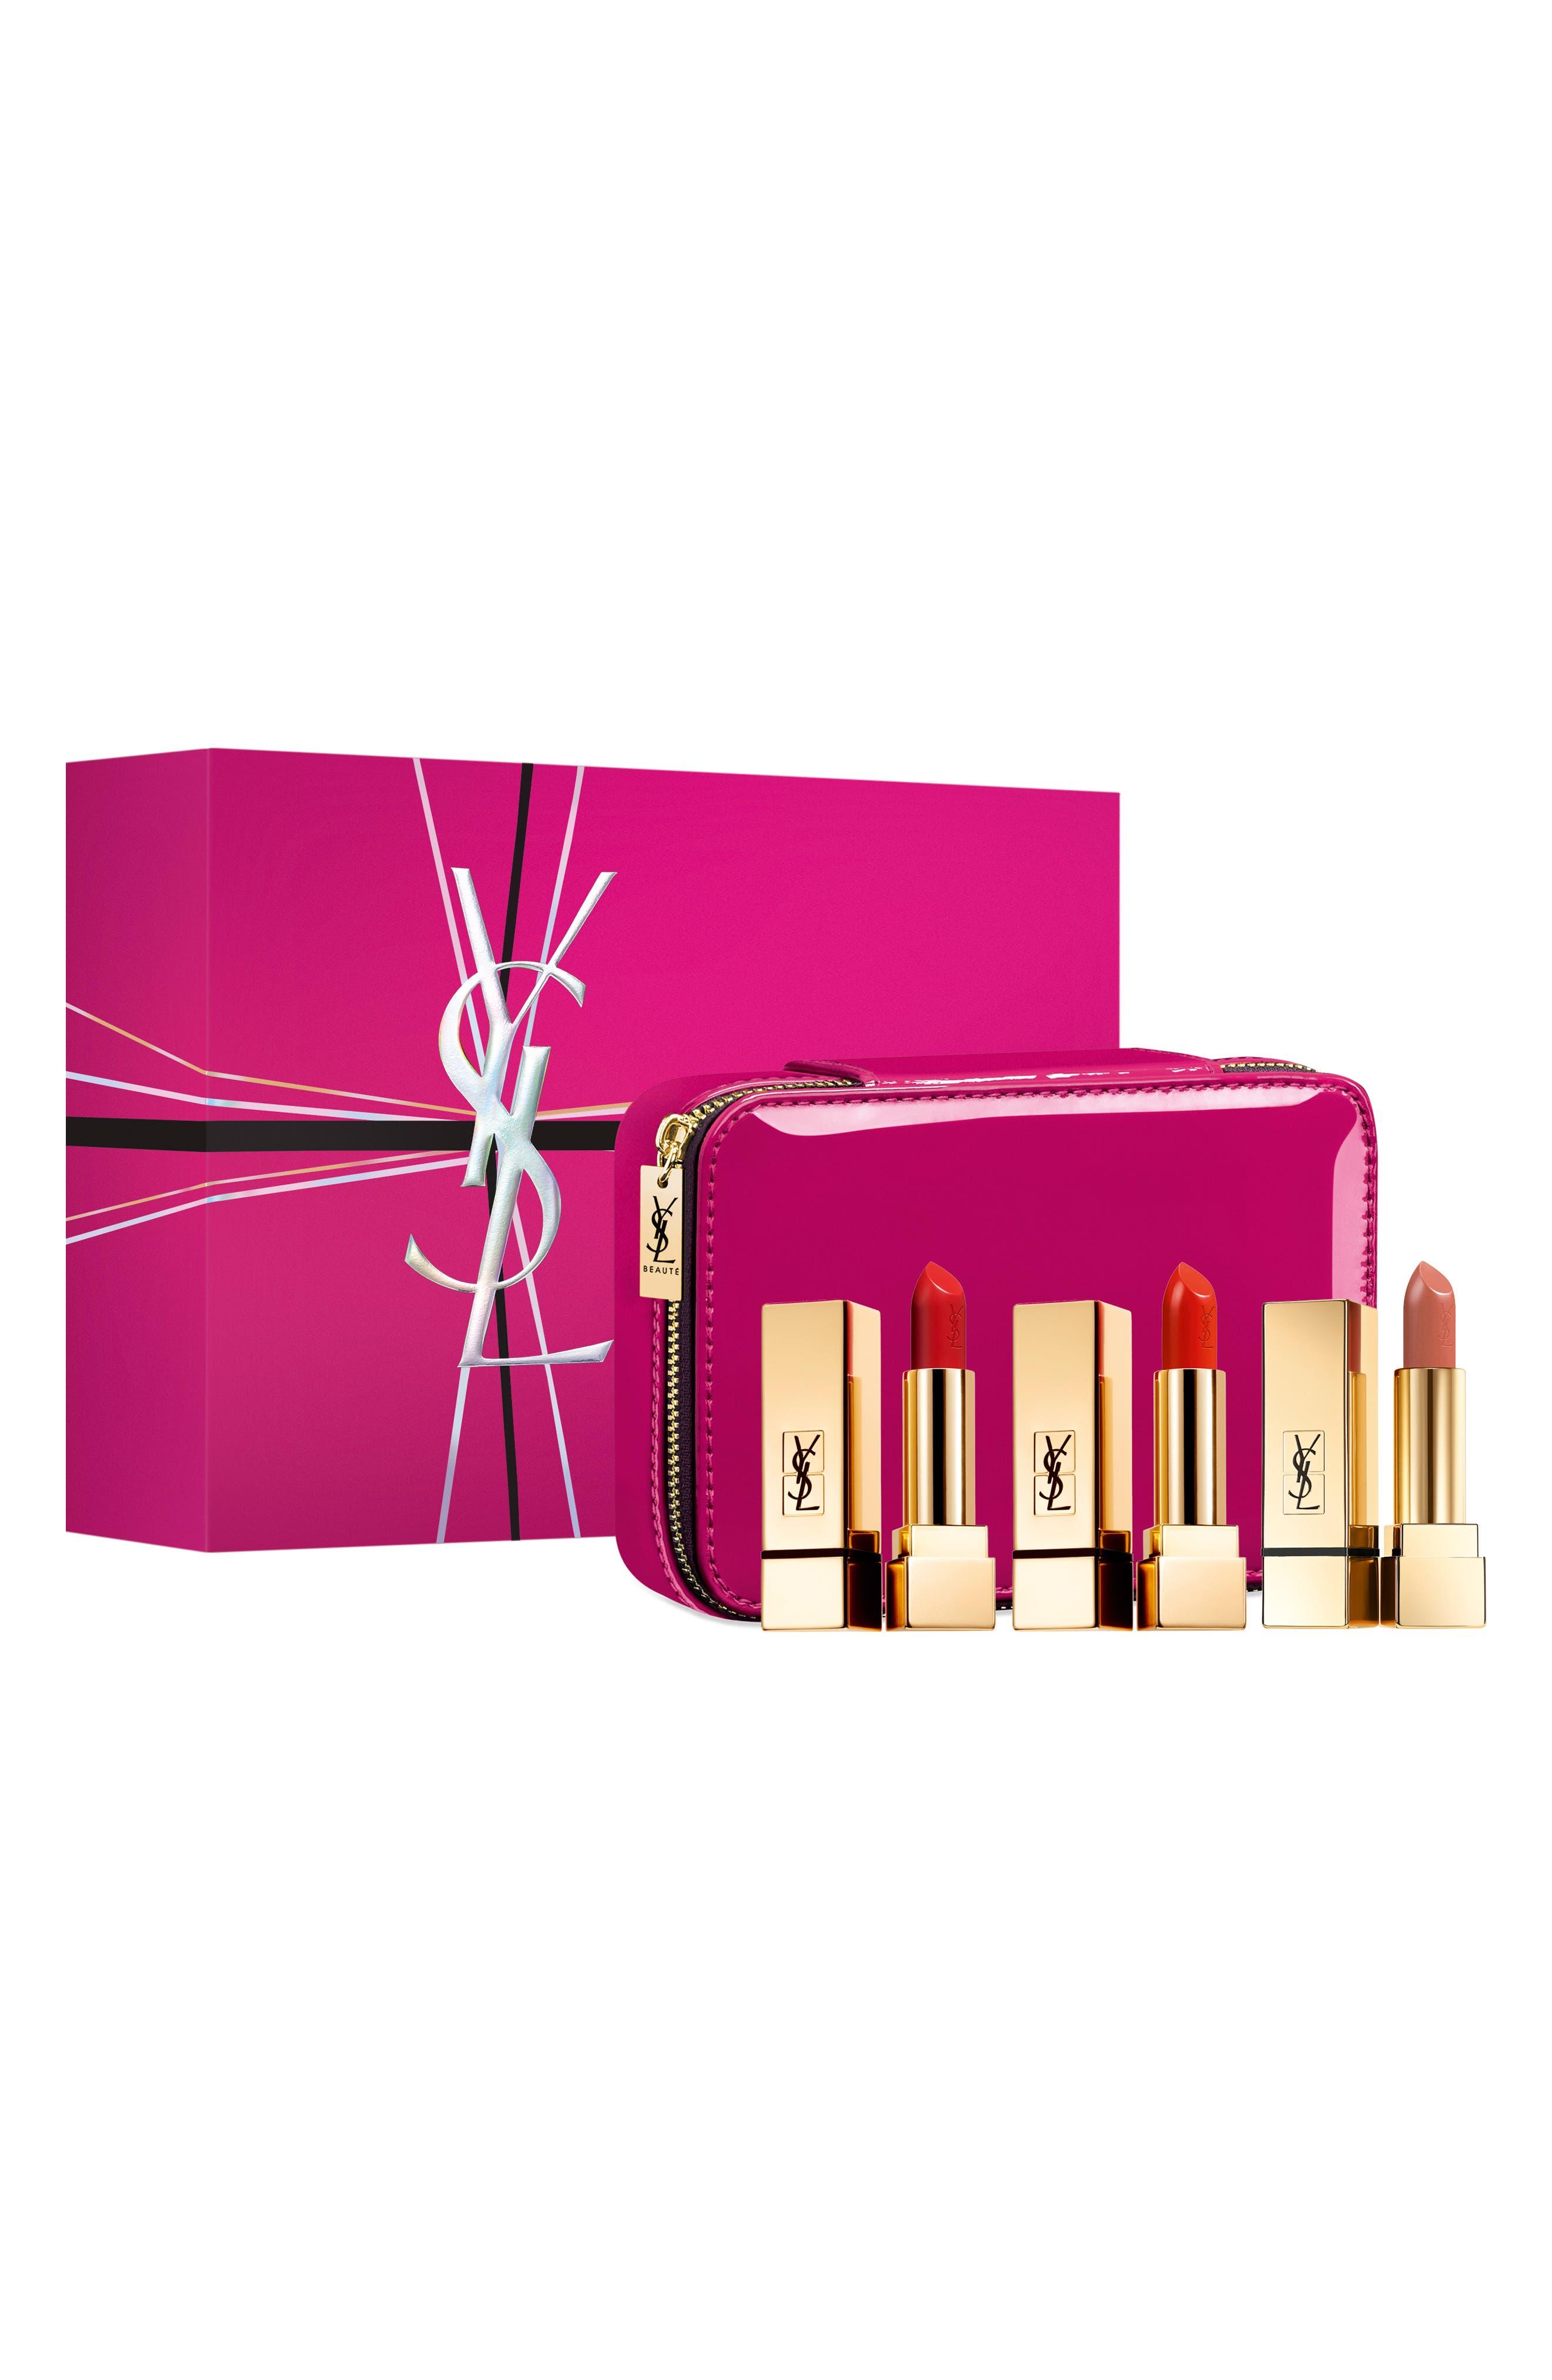 Yves Saint Laurent Rouge Pur Couture Lip Color Trio - Rouge Pur Couture Set